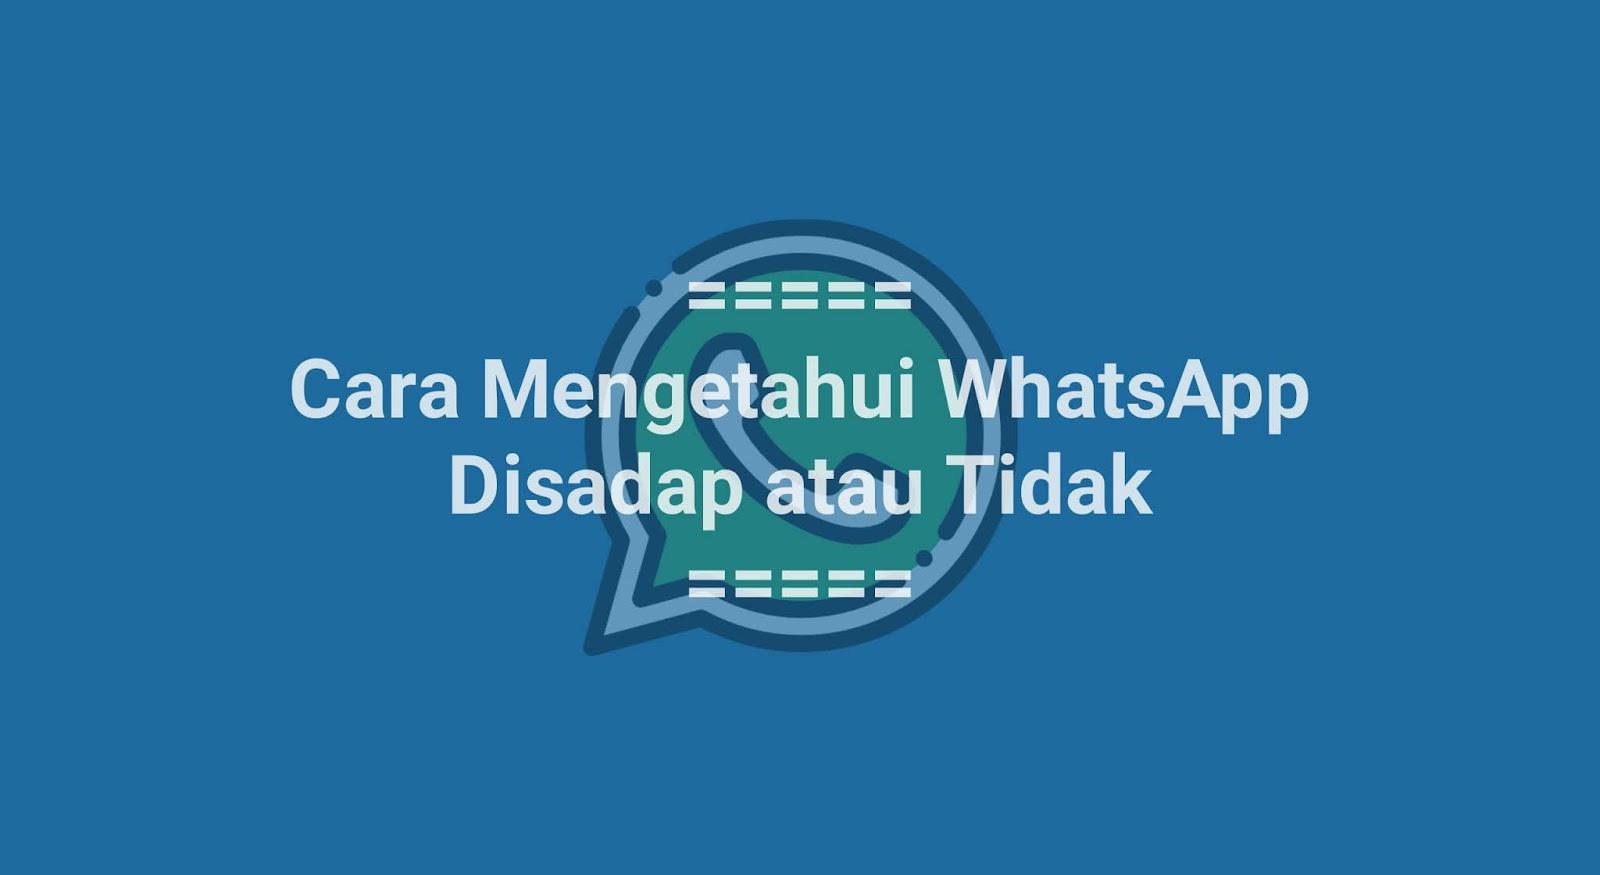 Cara Mengetahui WhatsApp Disadap atau Tidak